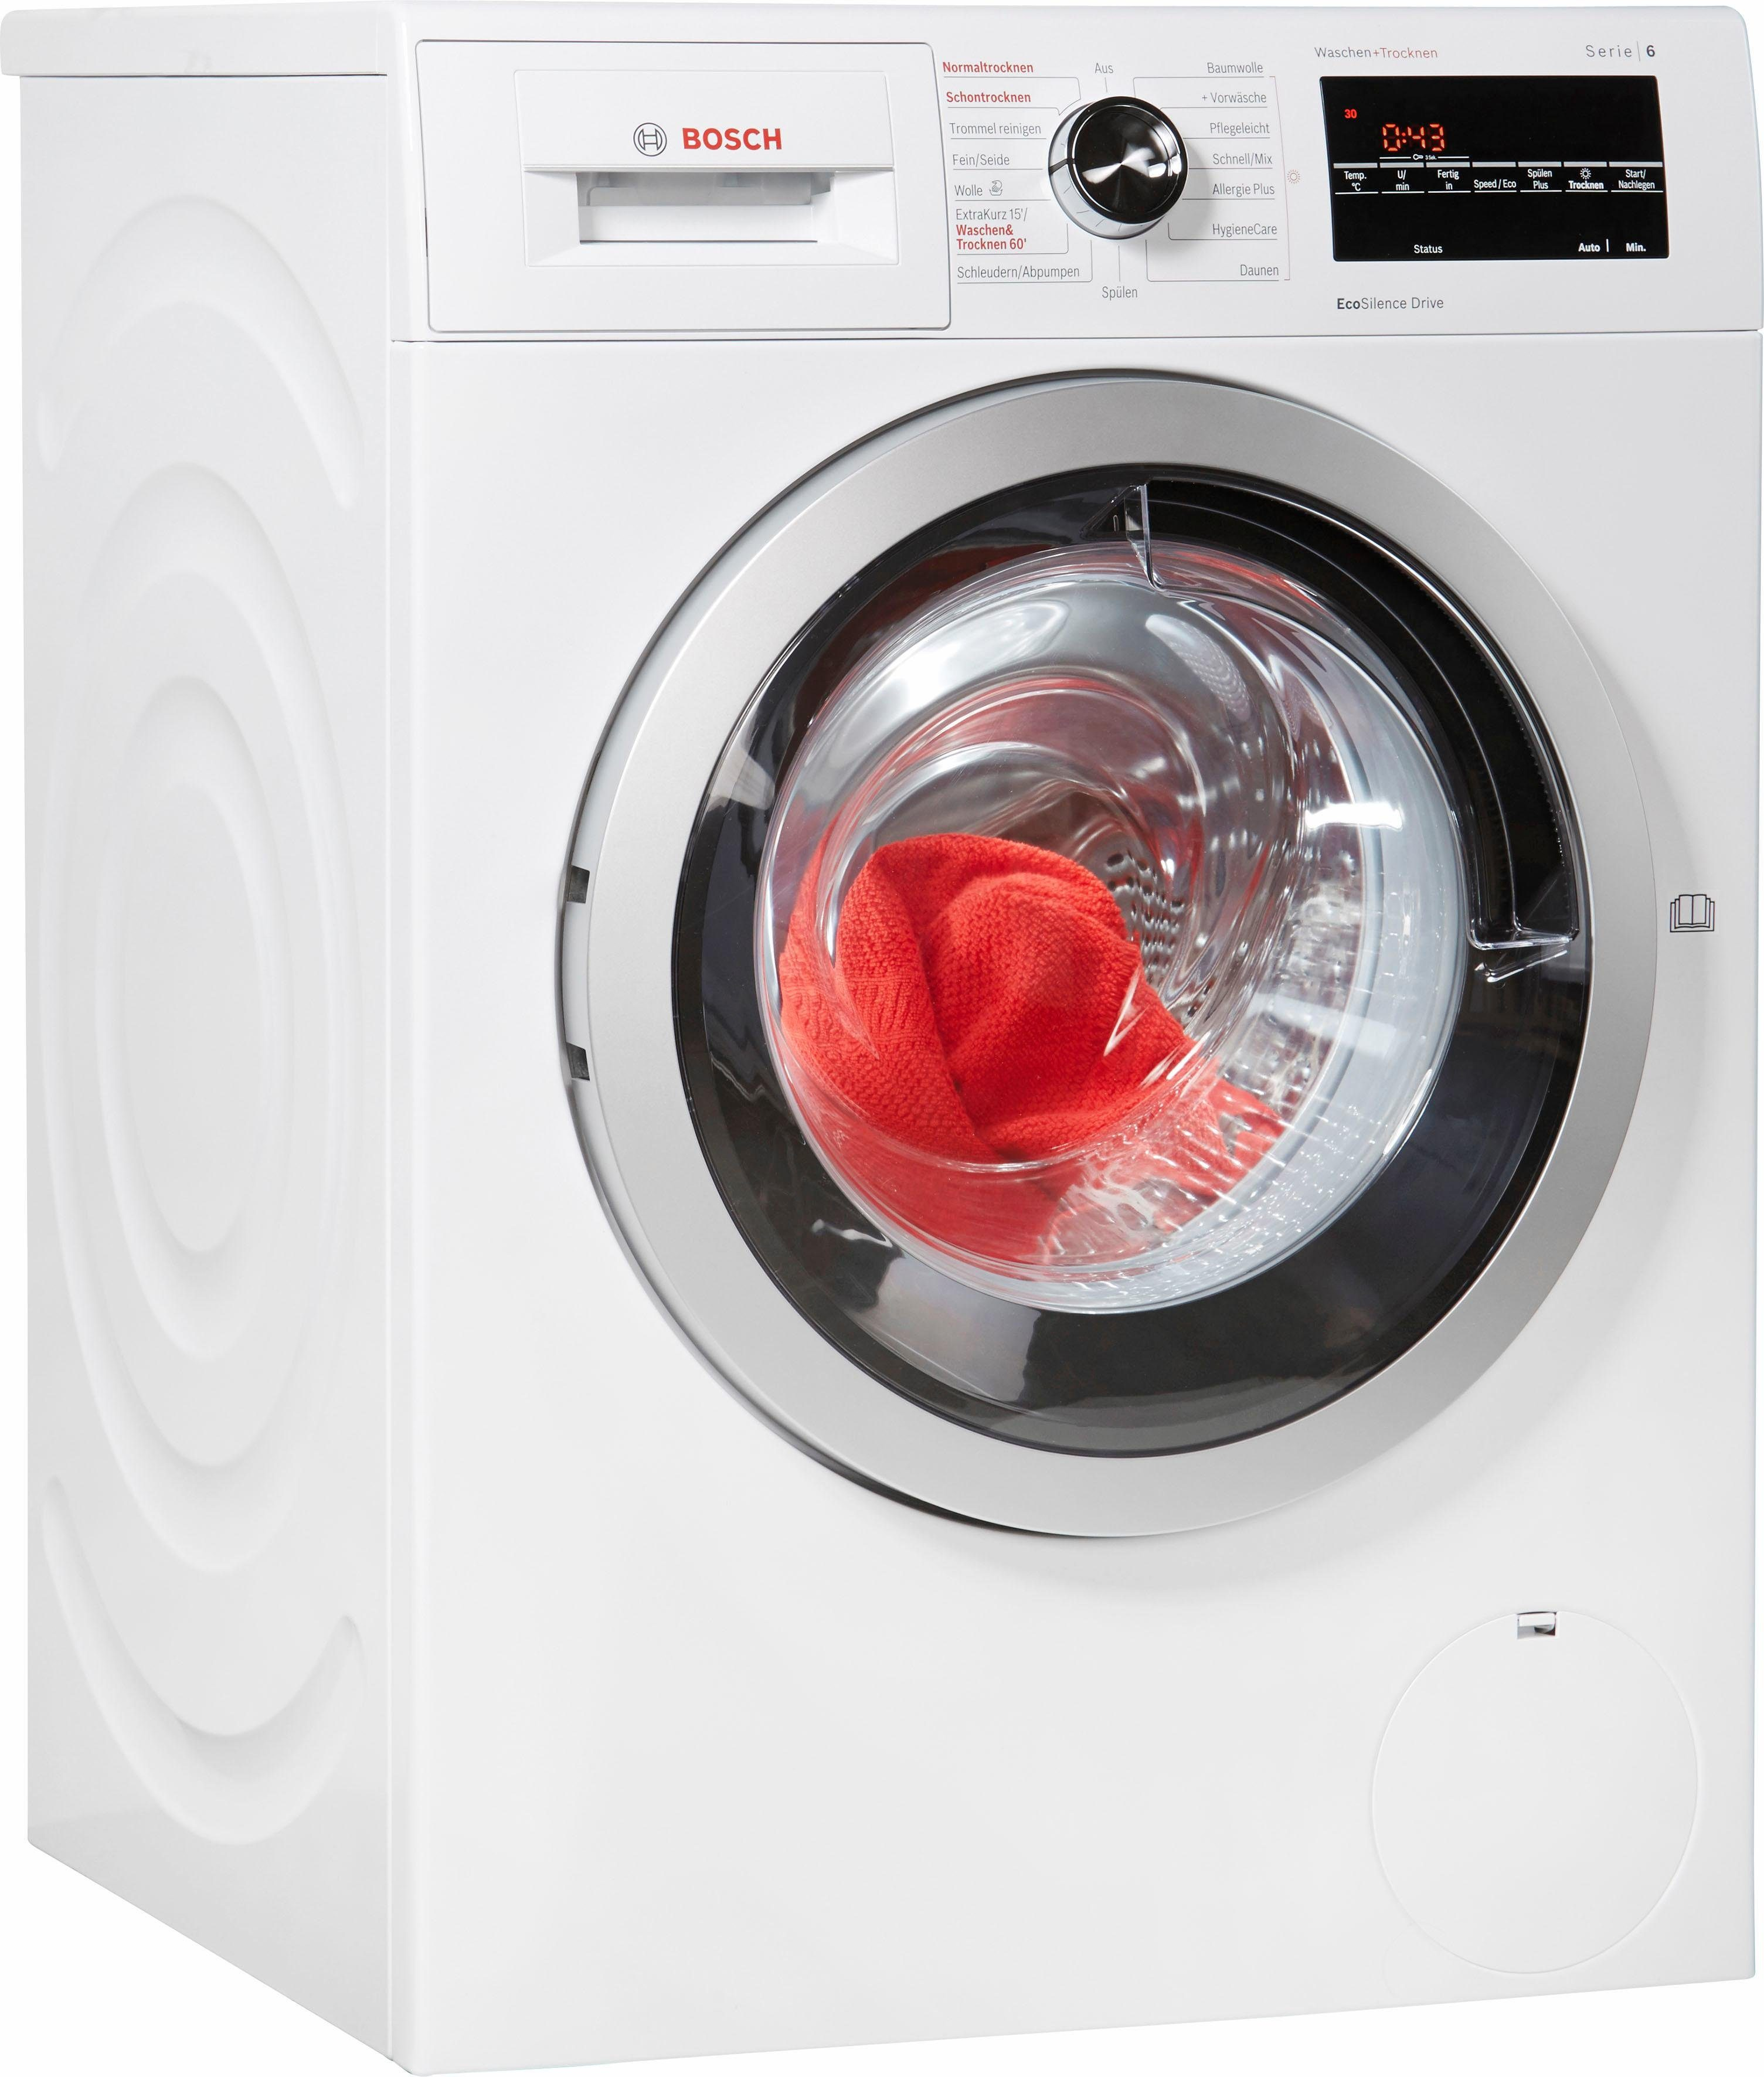 BOSCH Waschtrockner WVG30443, 7 kg/5 kg, 1500 U/Min